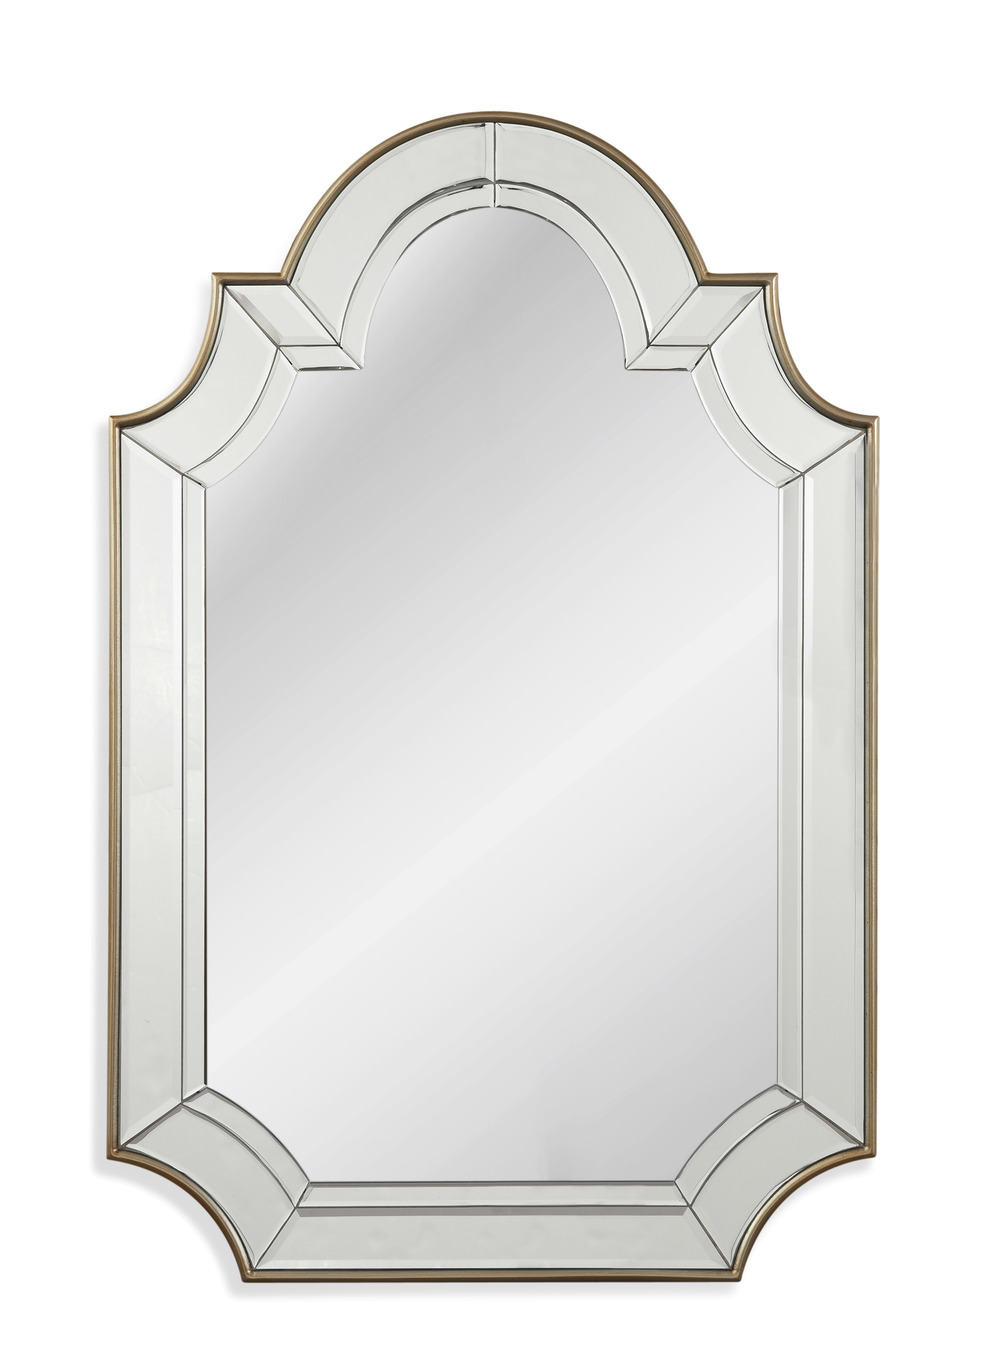 Bassett Mirror Company - Phaedra Wall Mirror